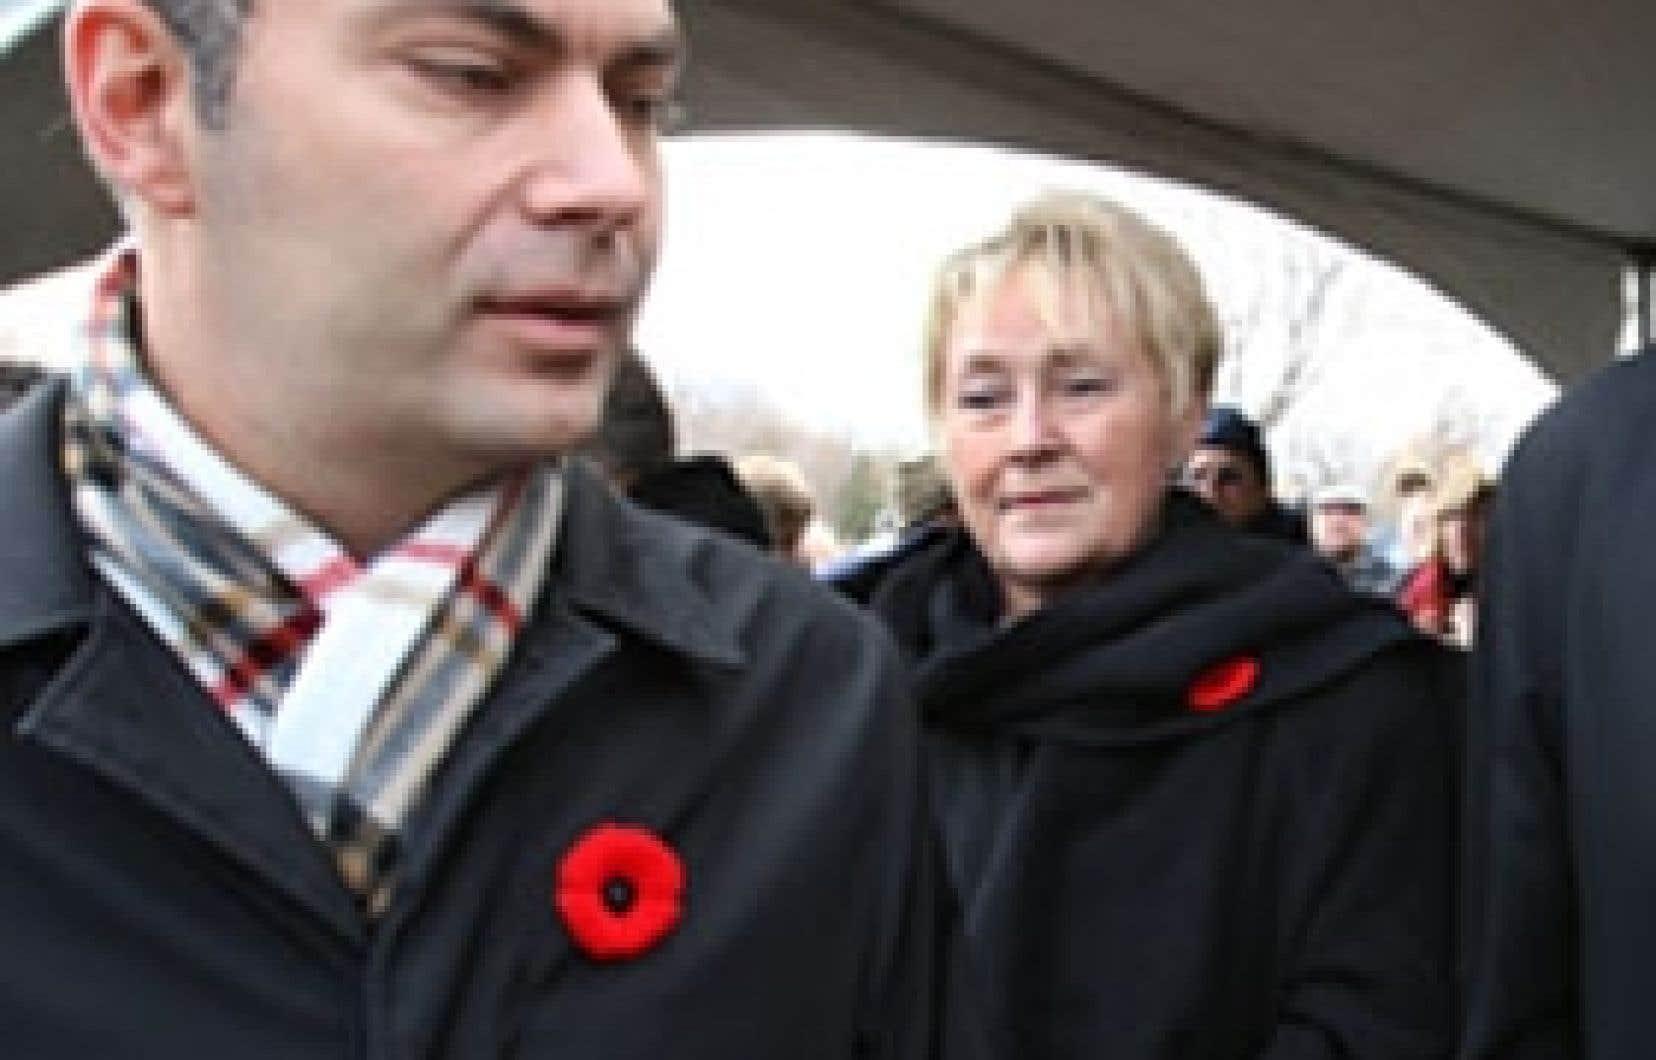 Le chef de l'ADQ, Mario Dumont, et la leader du PQ, Pauline Marois, se sont croisés hier à Montréal, à l'occasion d'une cérémonie marquant le jour du Souvenir.